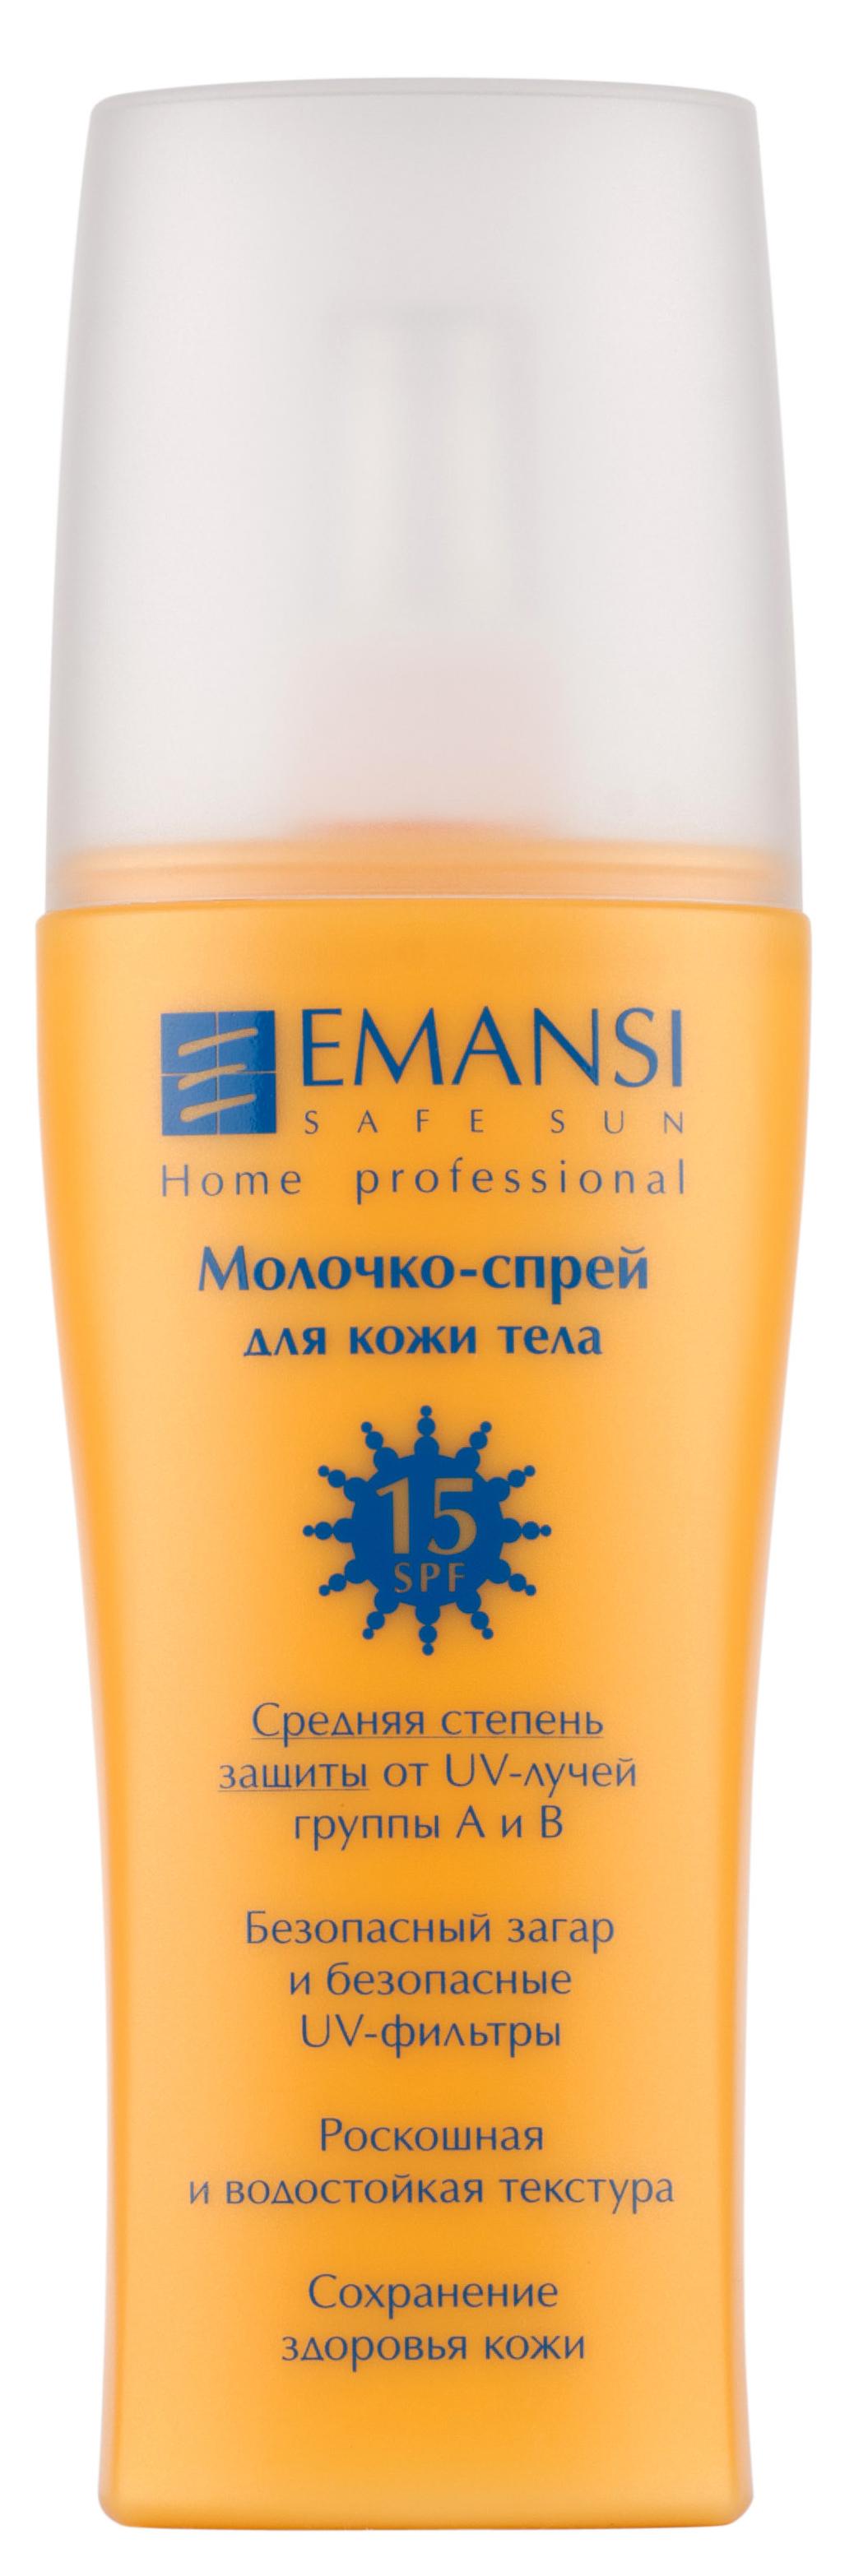 Emansi Молочко-спрей для кожи тела Safe sun SPF 15, 150 мл086-4-31669- Средняя степень защиты от UV-лучей группы А и В- Безопасный загар и безопасные UV-фильтры- Роскошная и водостойкая текстура- Сохранение здоровья кожи- Защищает от UV-лучей группы А и В благодаря использованию безопасных UV-фильтров- Устойчиво к действию воды и пота- Подходит для любой, в том числе и чувствительной кожи